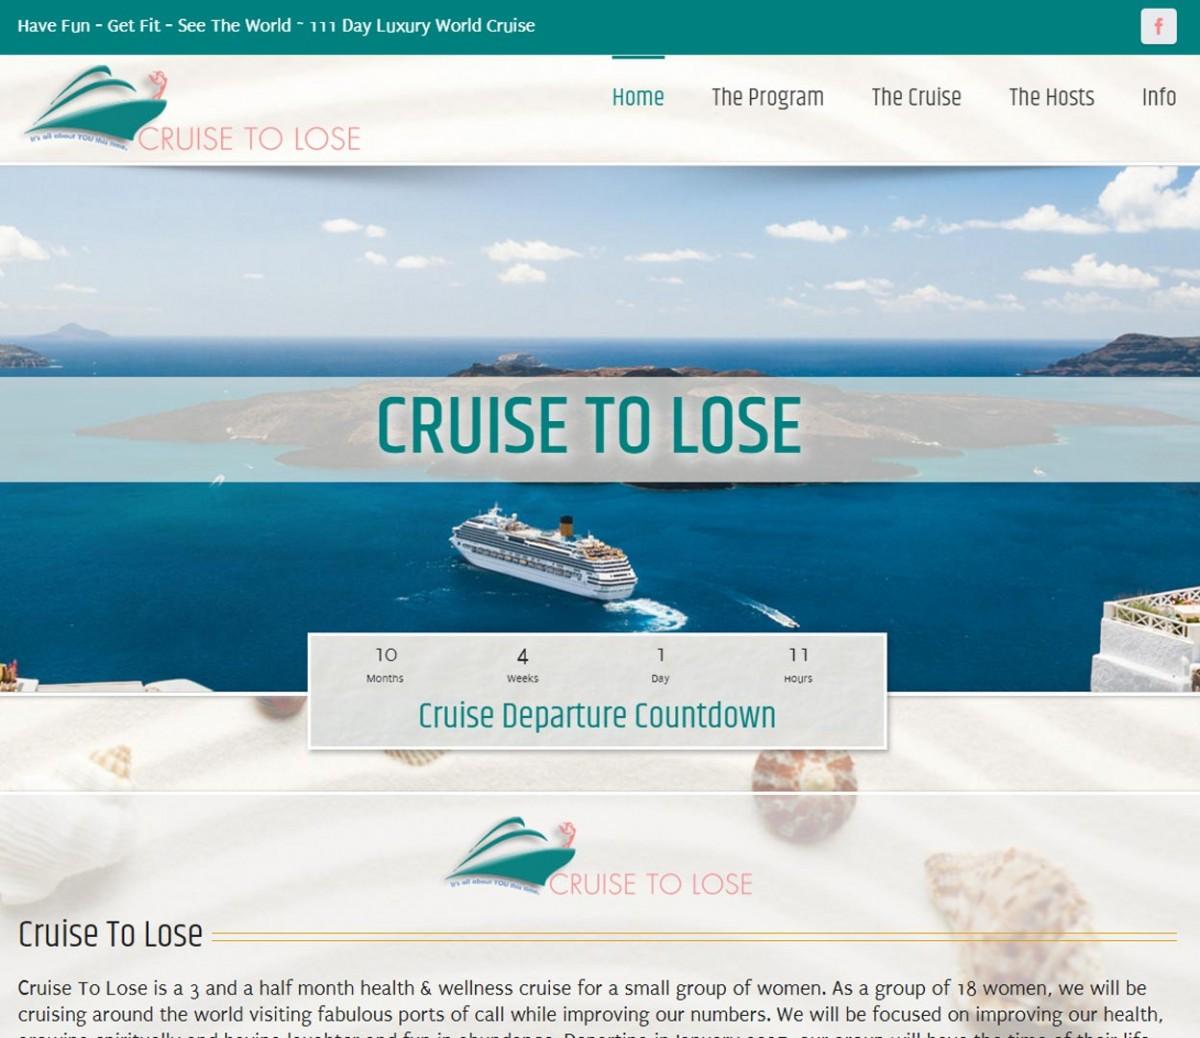 cruise-2-lose